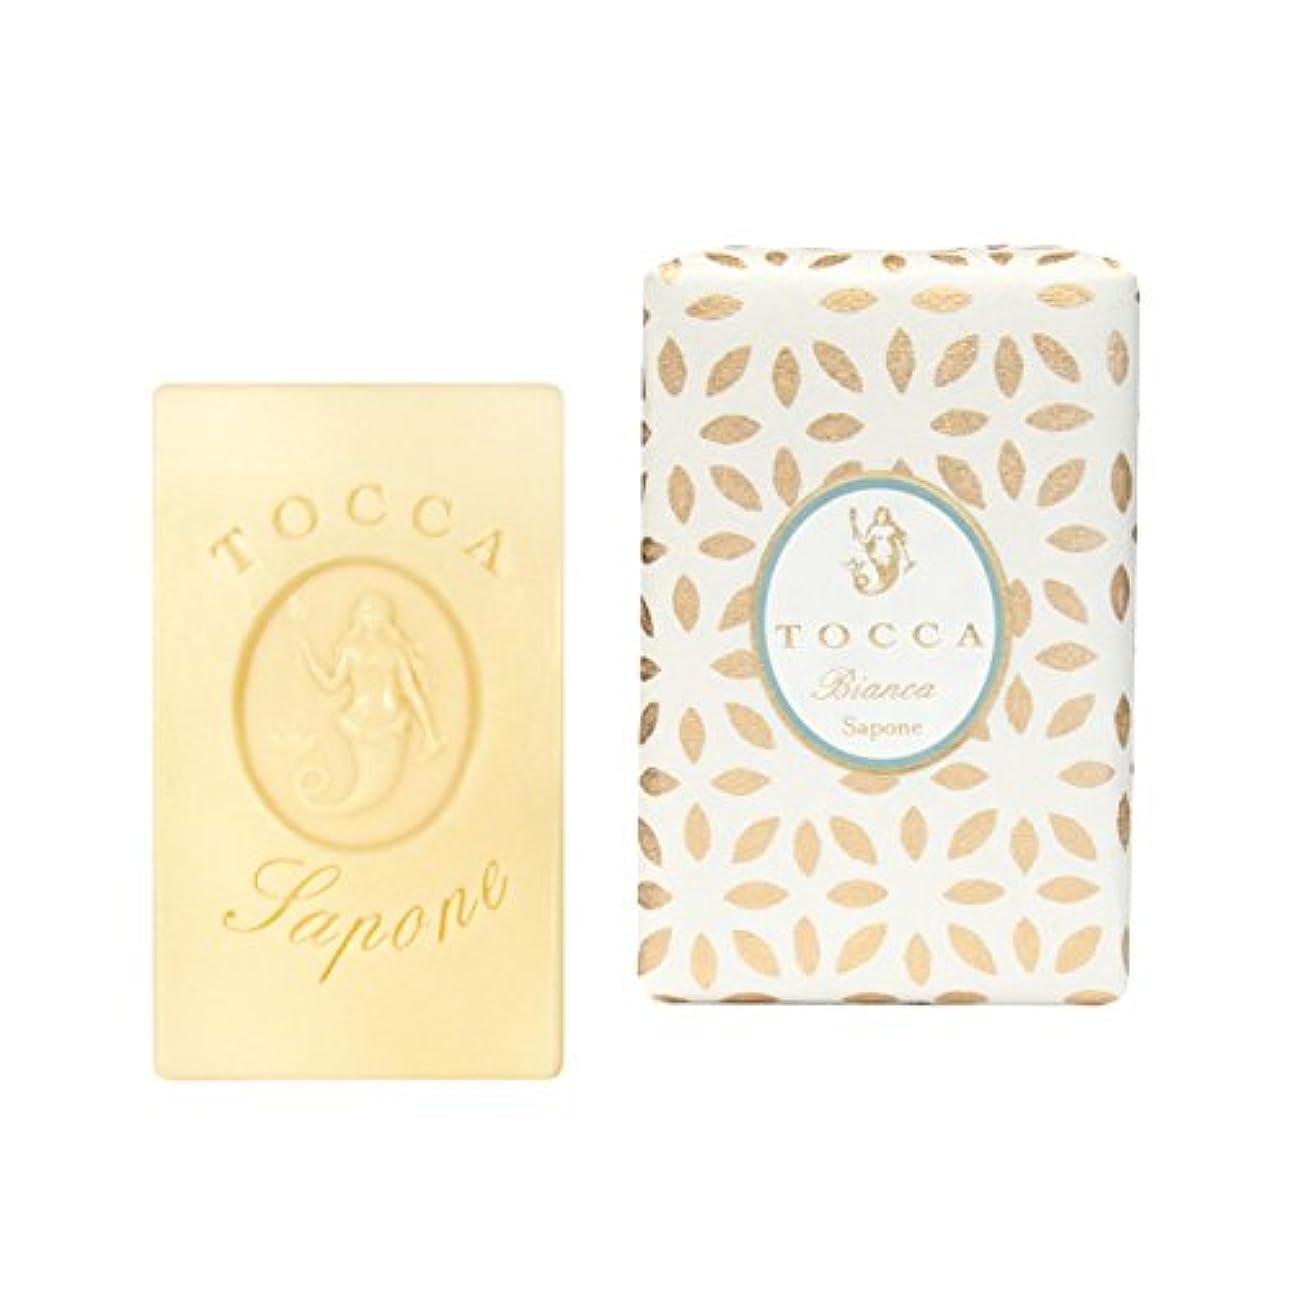 クロニクル火曜日サイズトッカ(TOCCA) ソープバー ビアンカの香り 113g(化粧石けん シトラスとグリーンティー、ローズが絶妙に溶け合ったほのかに甘さ漂うフレッシュな香り)